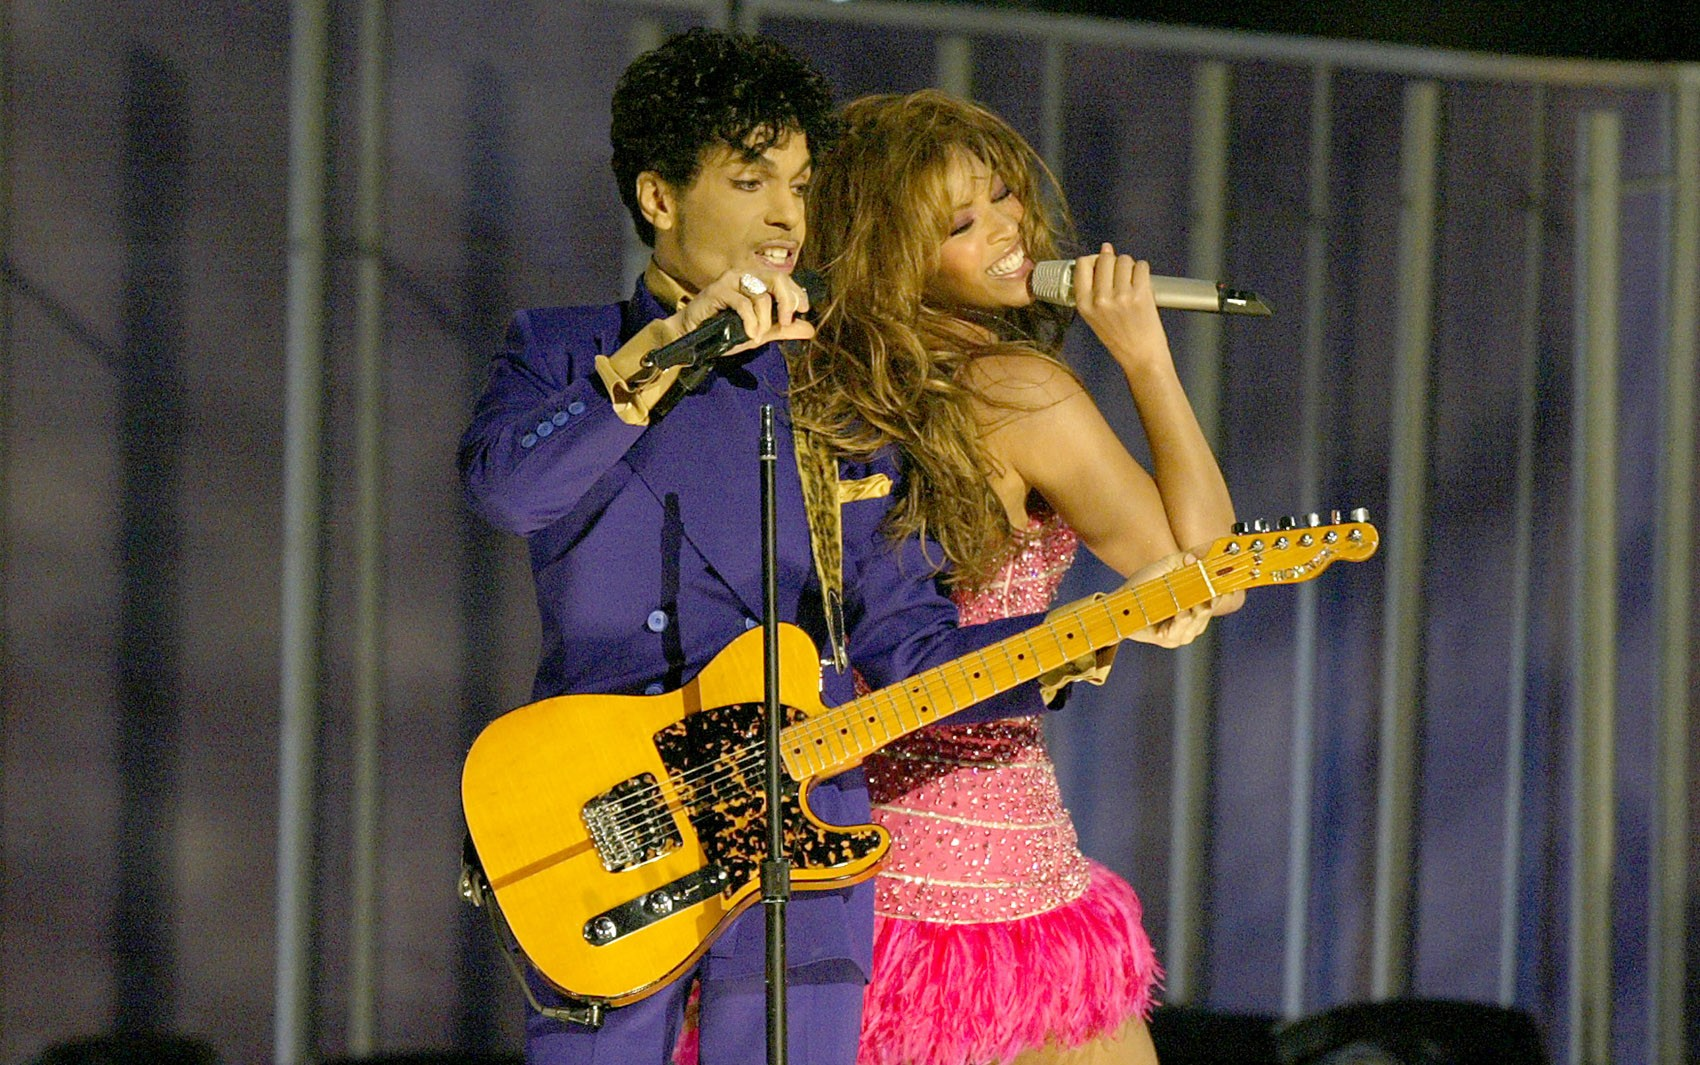 Prince tem 300 músicas liberadas para streaming e download com gravações feitas entre 1995 e 2010 2